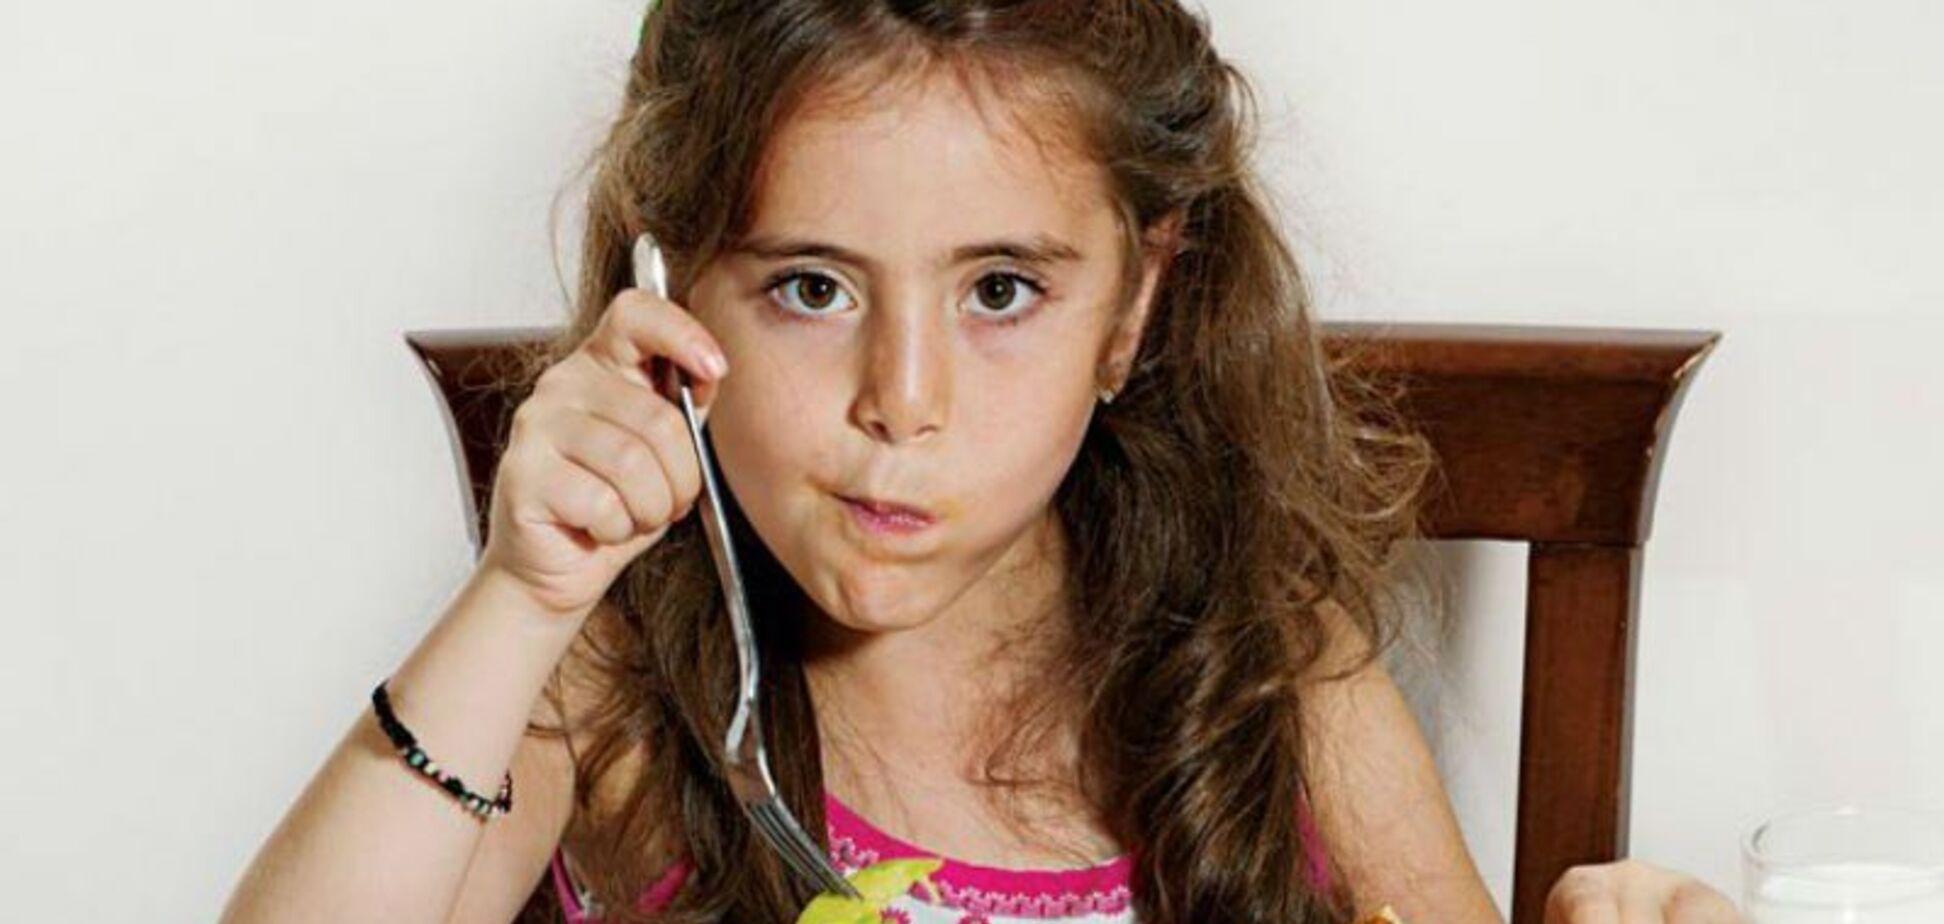 Що їдять на сніданок діти в різних країнах світу? Опубліковані цікаві фото